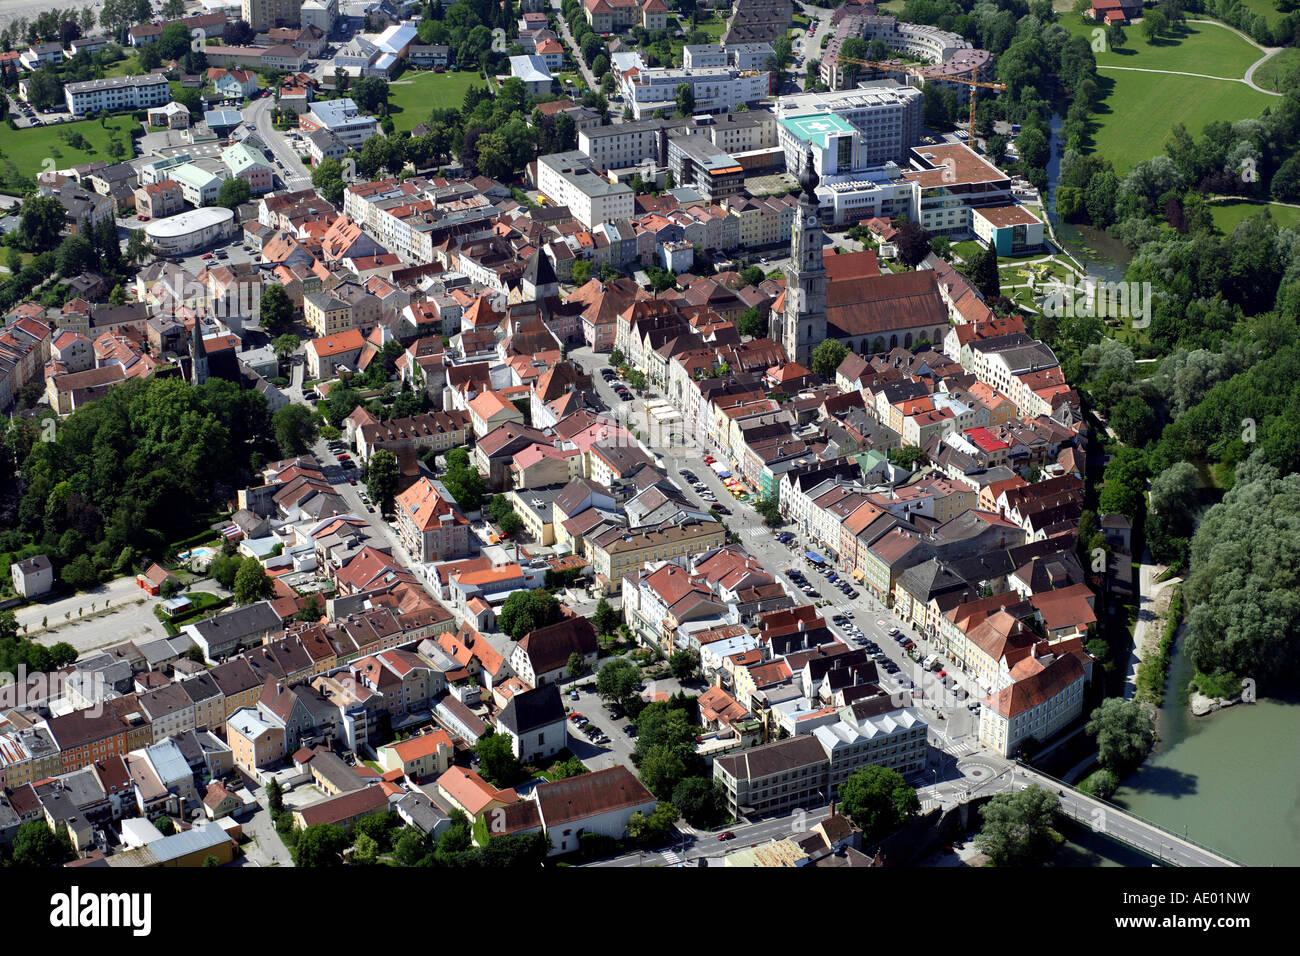 Braunau Am Inn Austria Stock Photos Braunau Am Inn Austria Stock